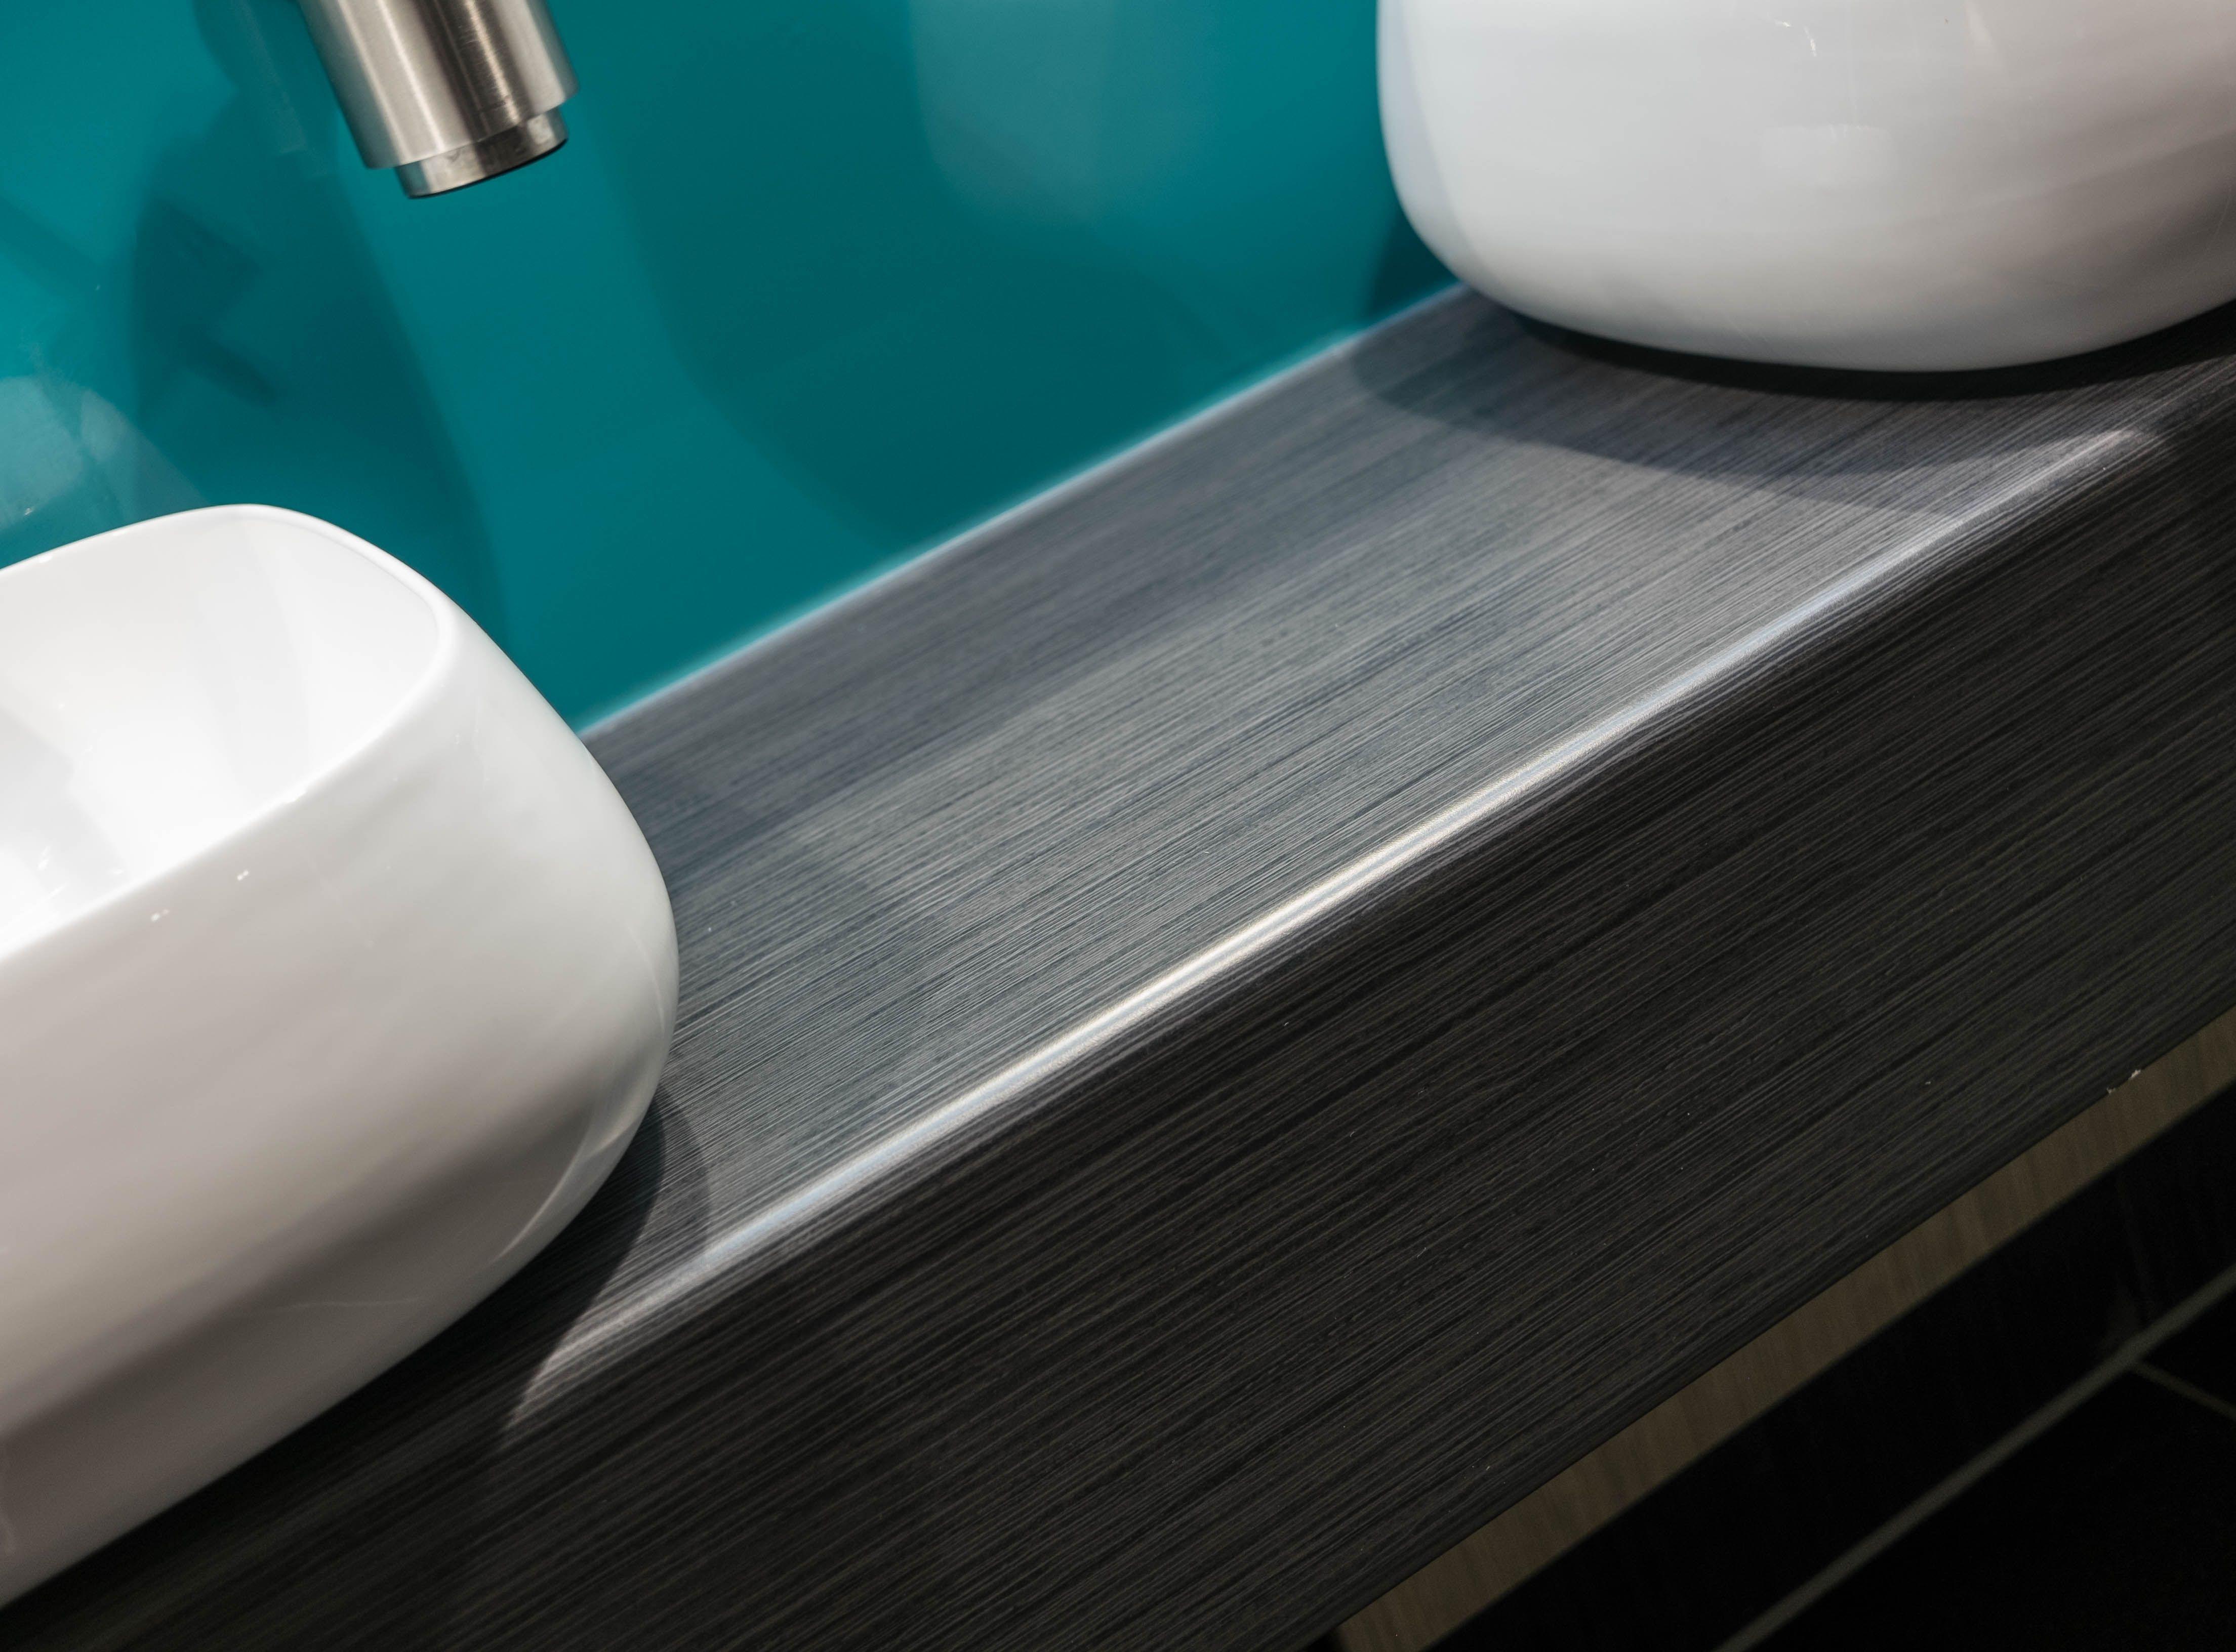 Vanity units  - postformed tops in matching woodgrains and china basins.